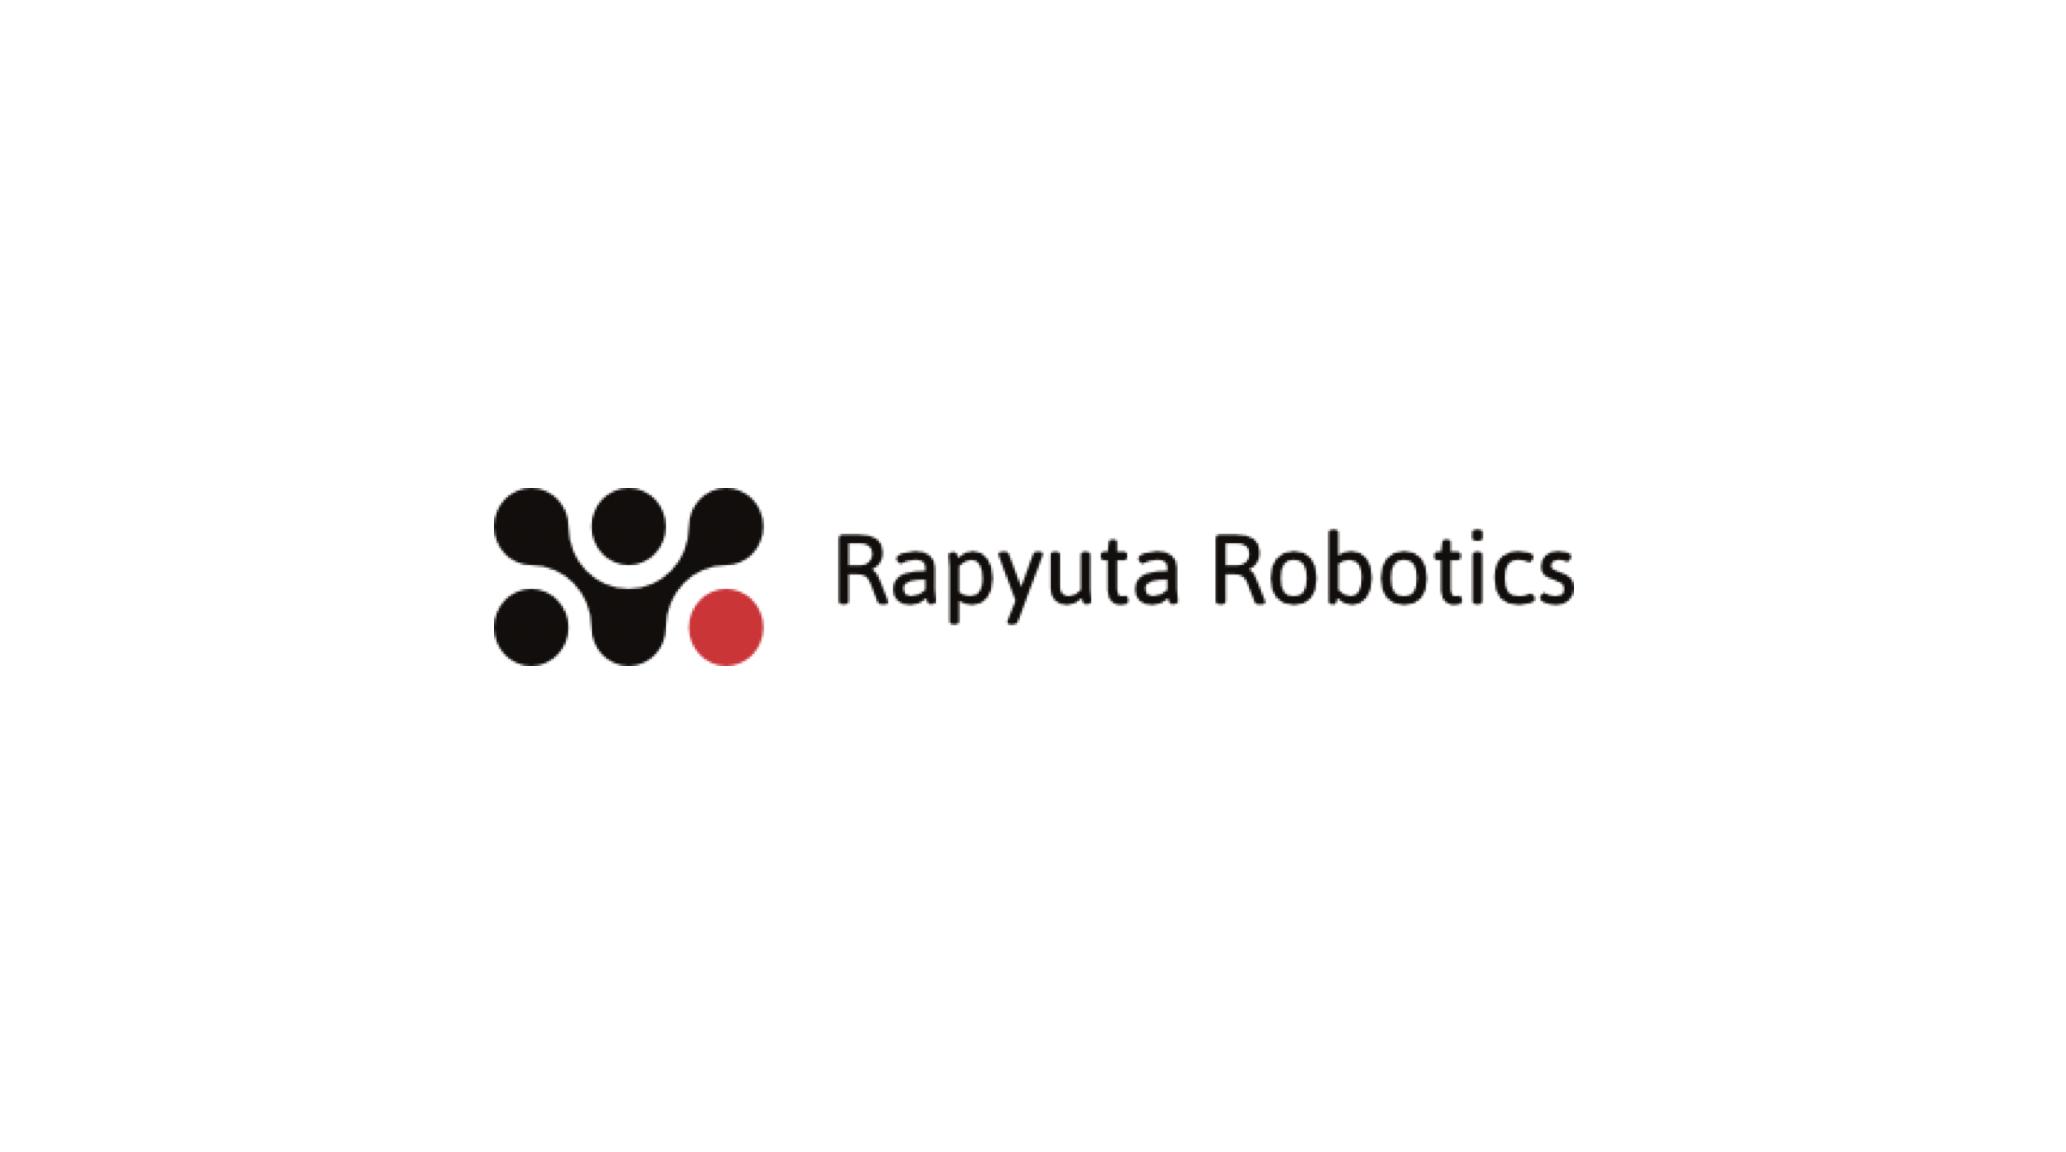 ロボティクスプラットフォームを提供するRapyuta Roboticsとモノフルが資本業務提携